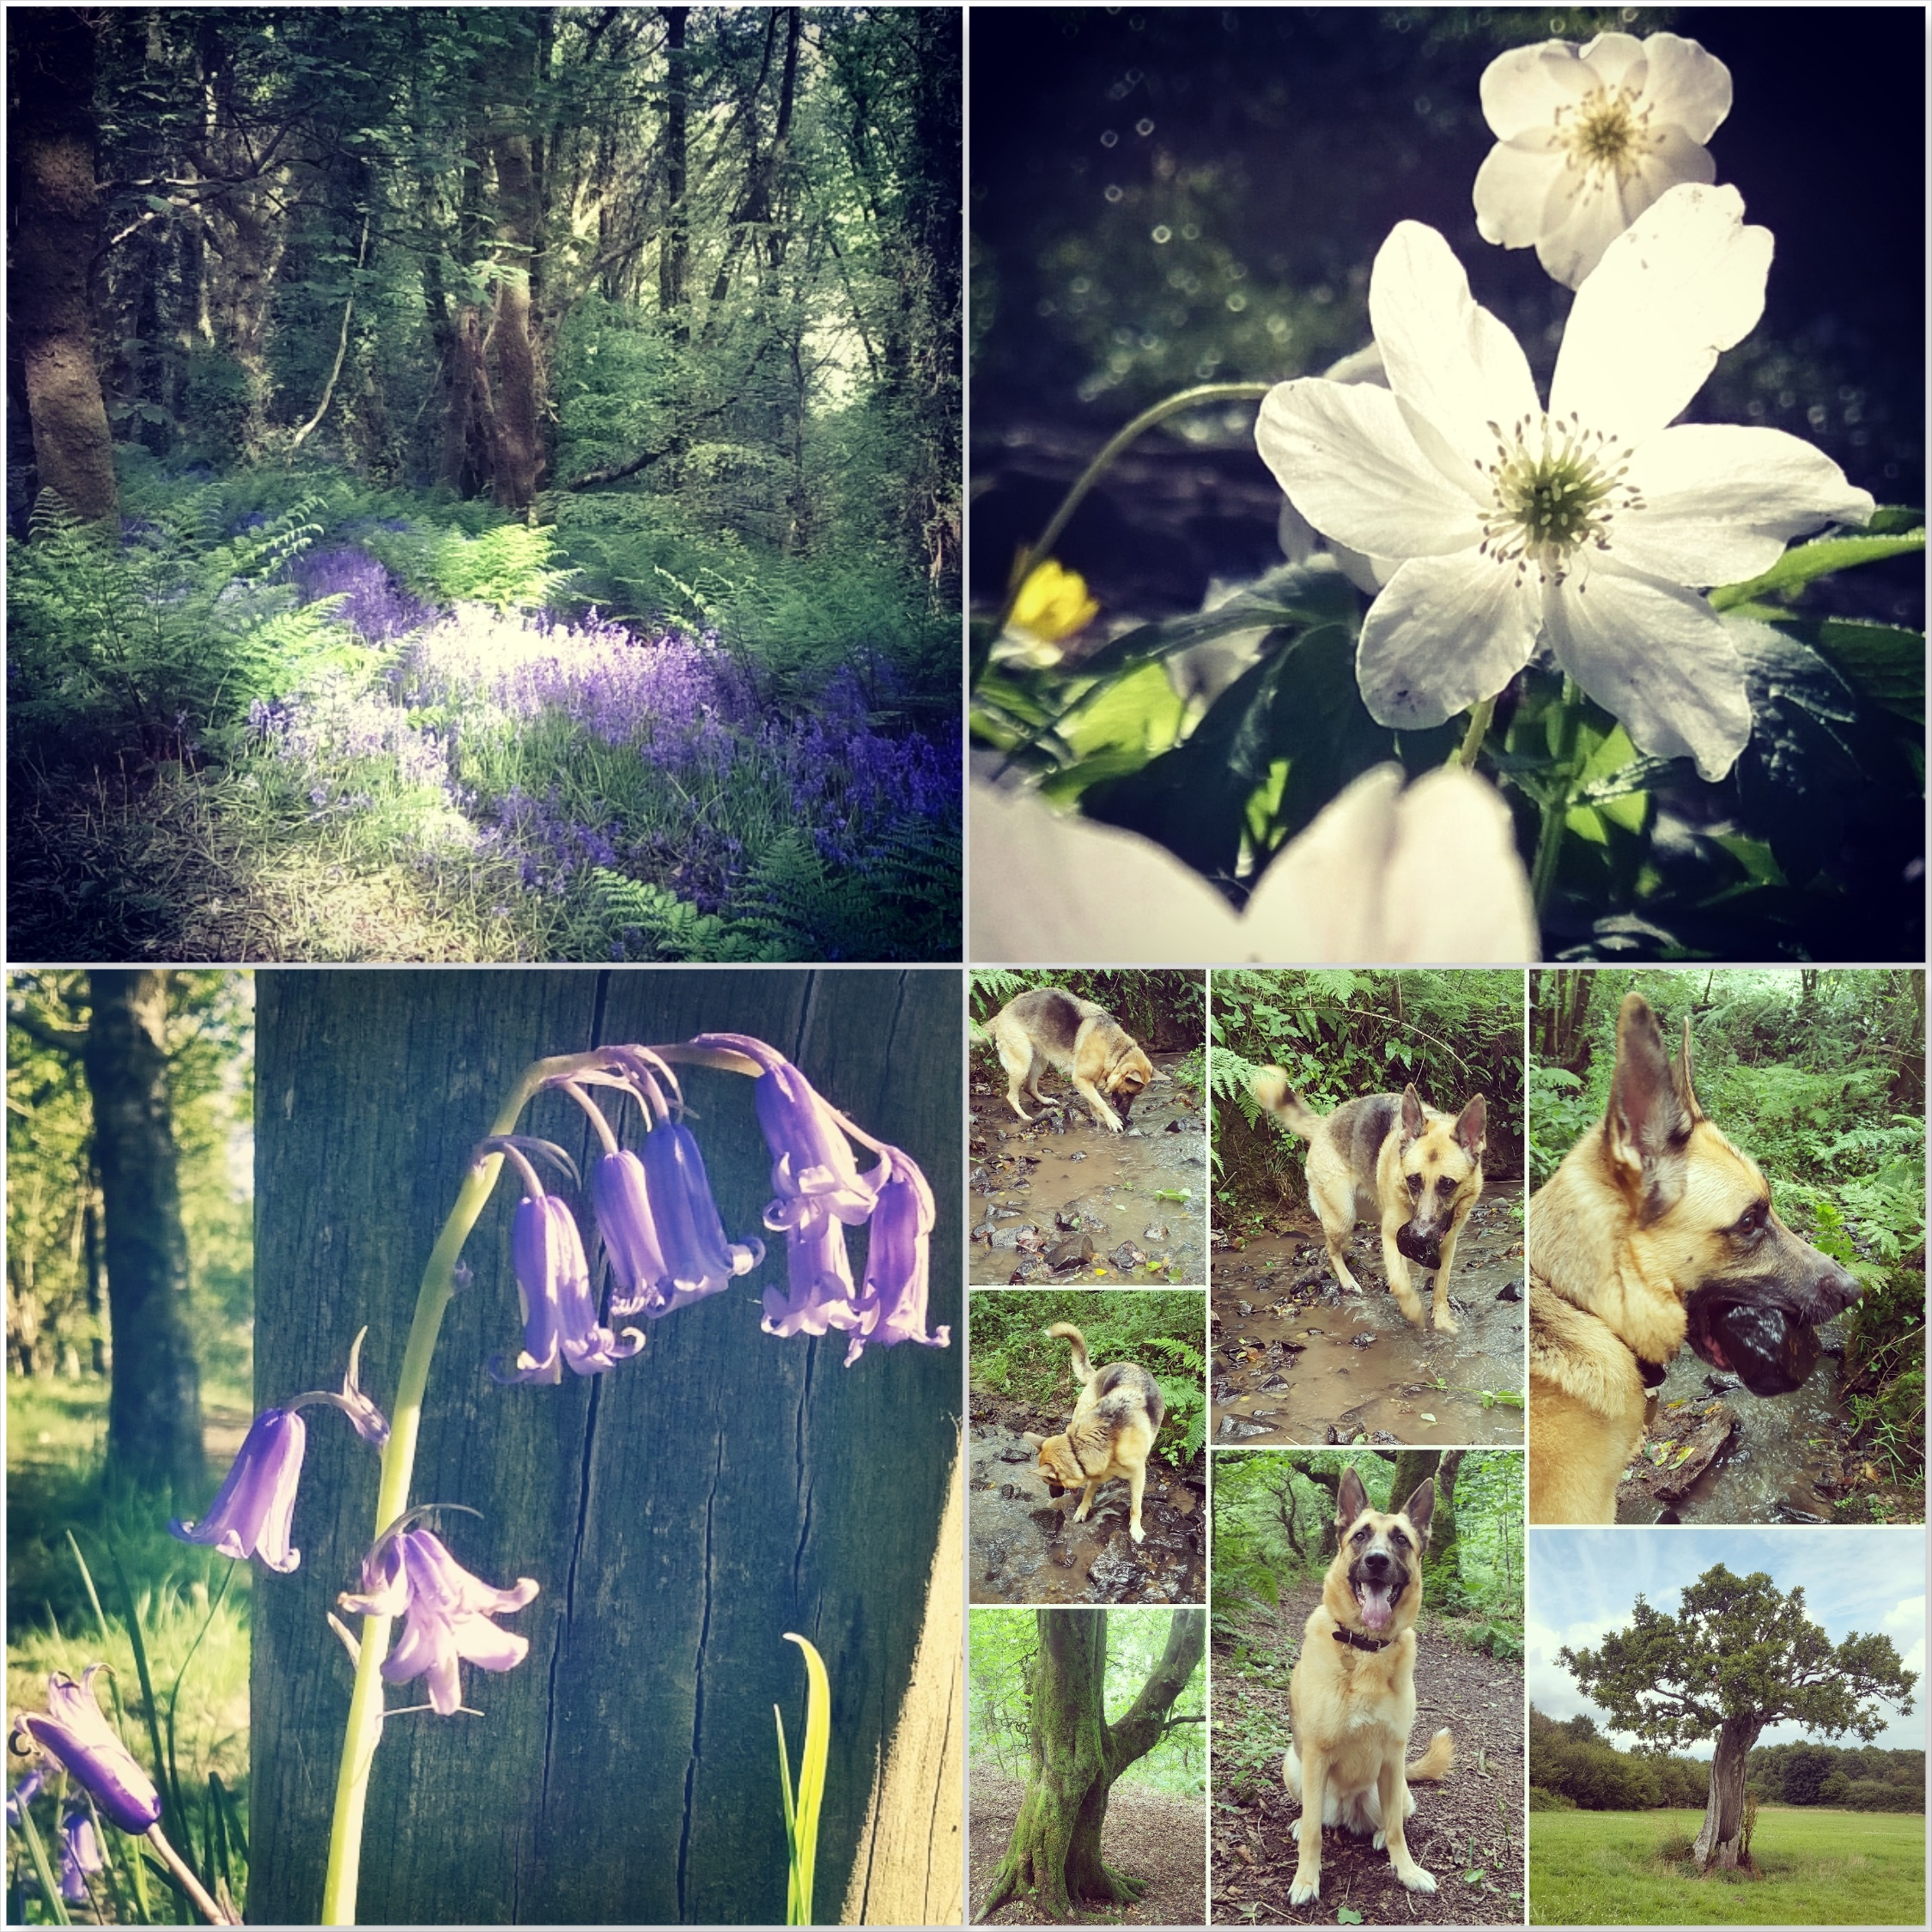 Bluebells - anemone - Roxy - Green Castle Woods - The Last Krystallos